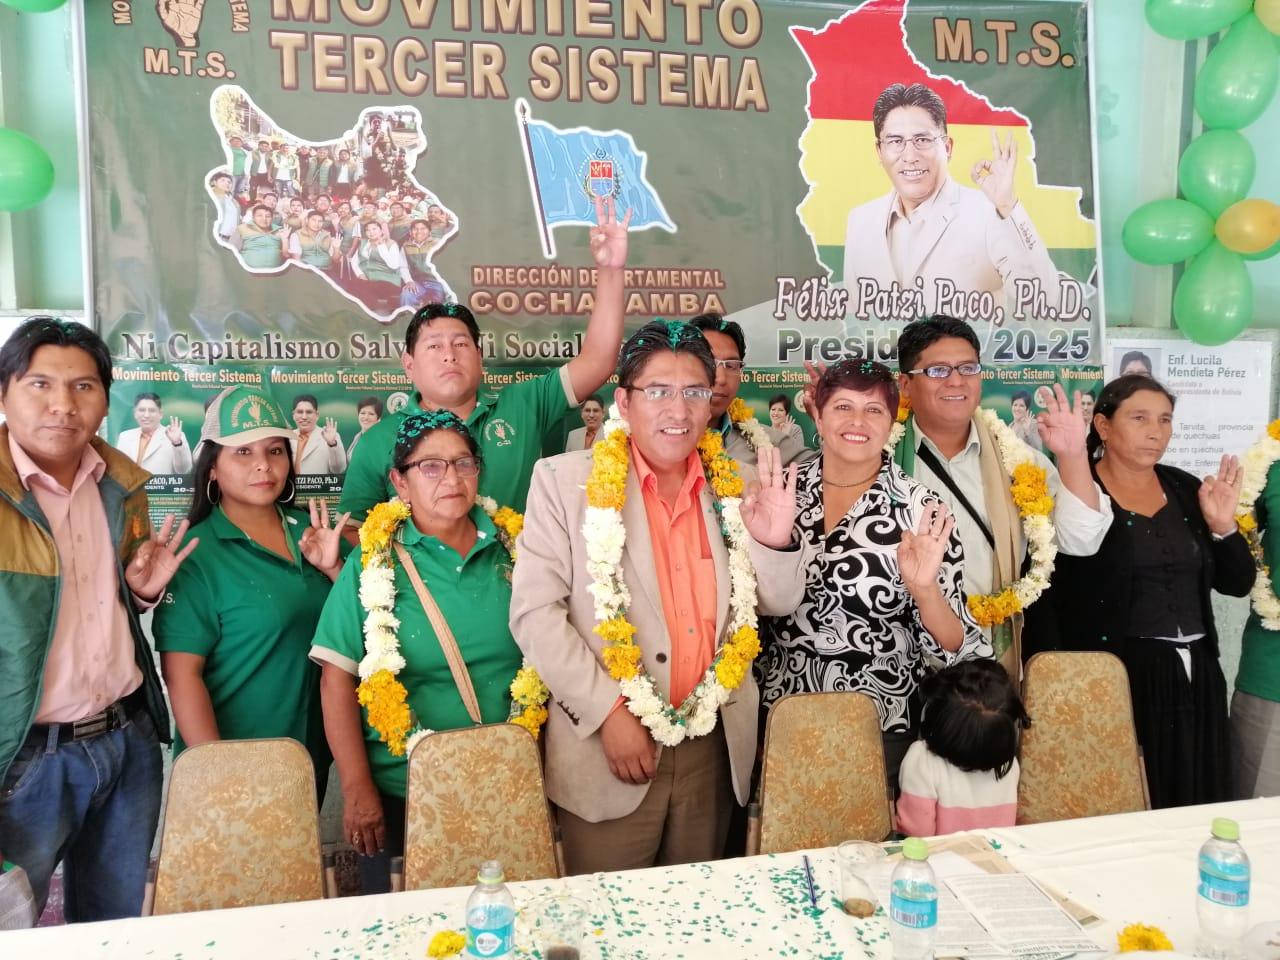 El gobernador paceño y líder del MTS en campaña electoral de fin de semana / MTS